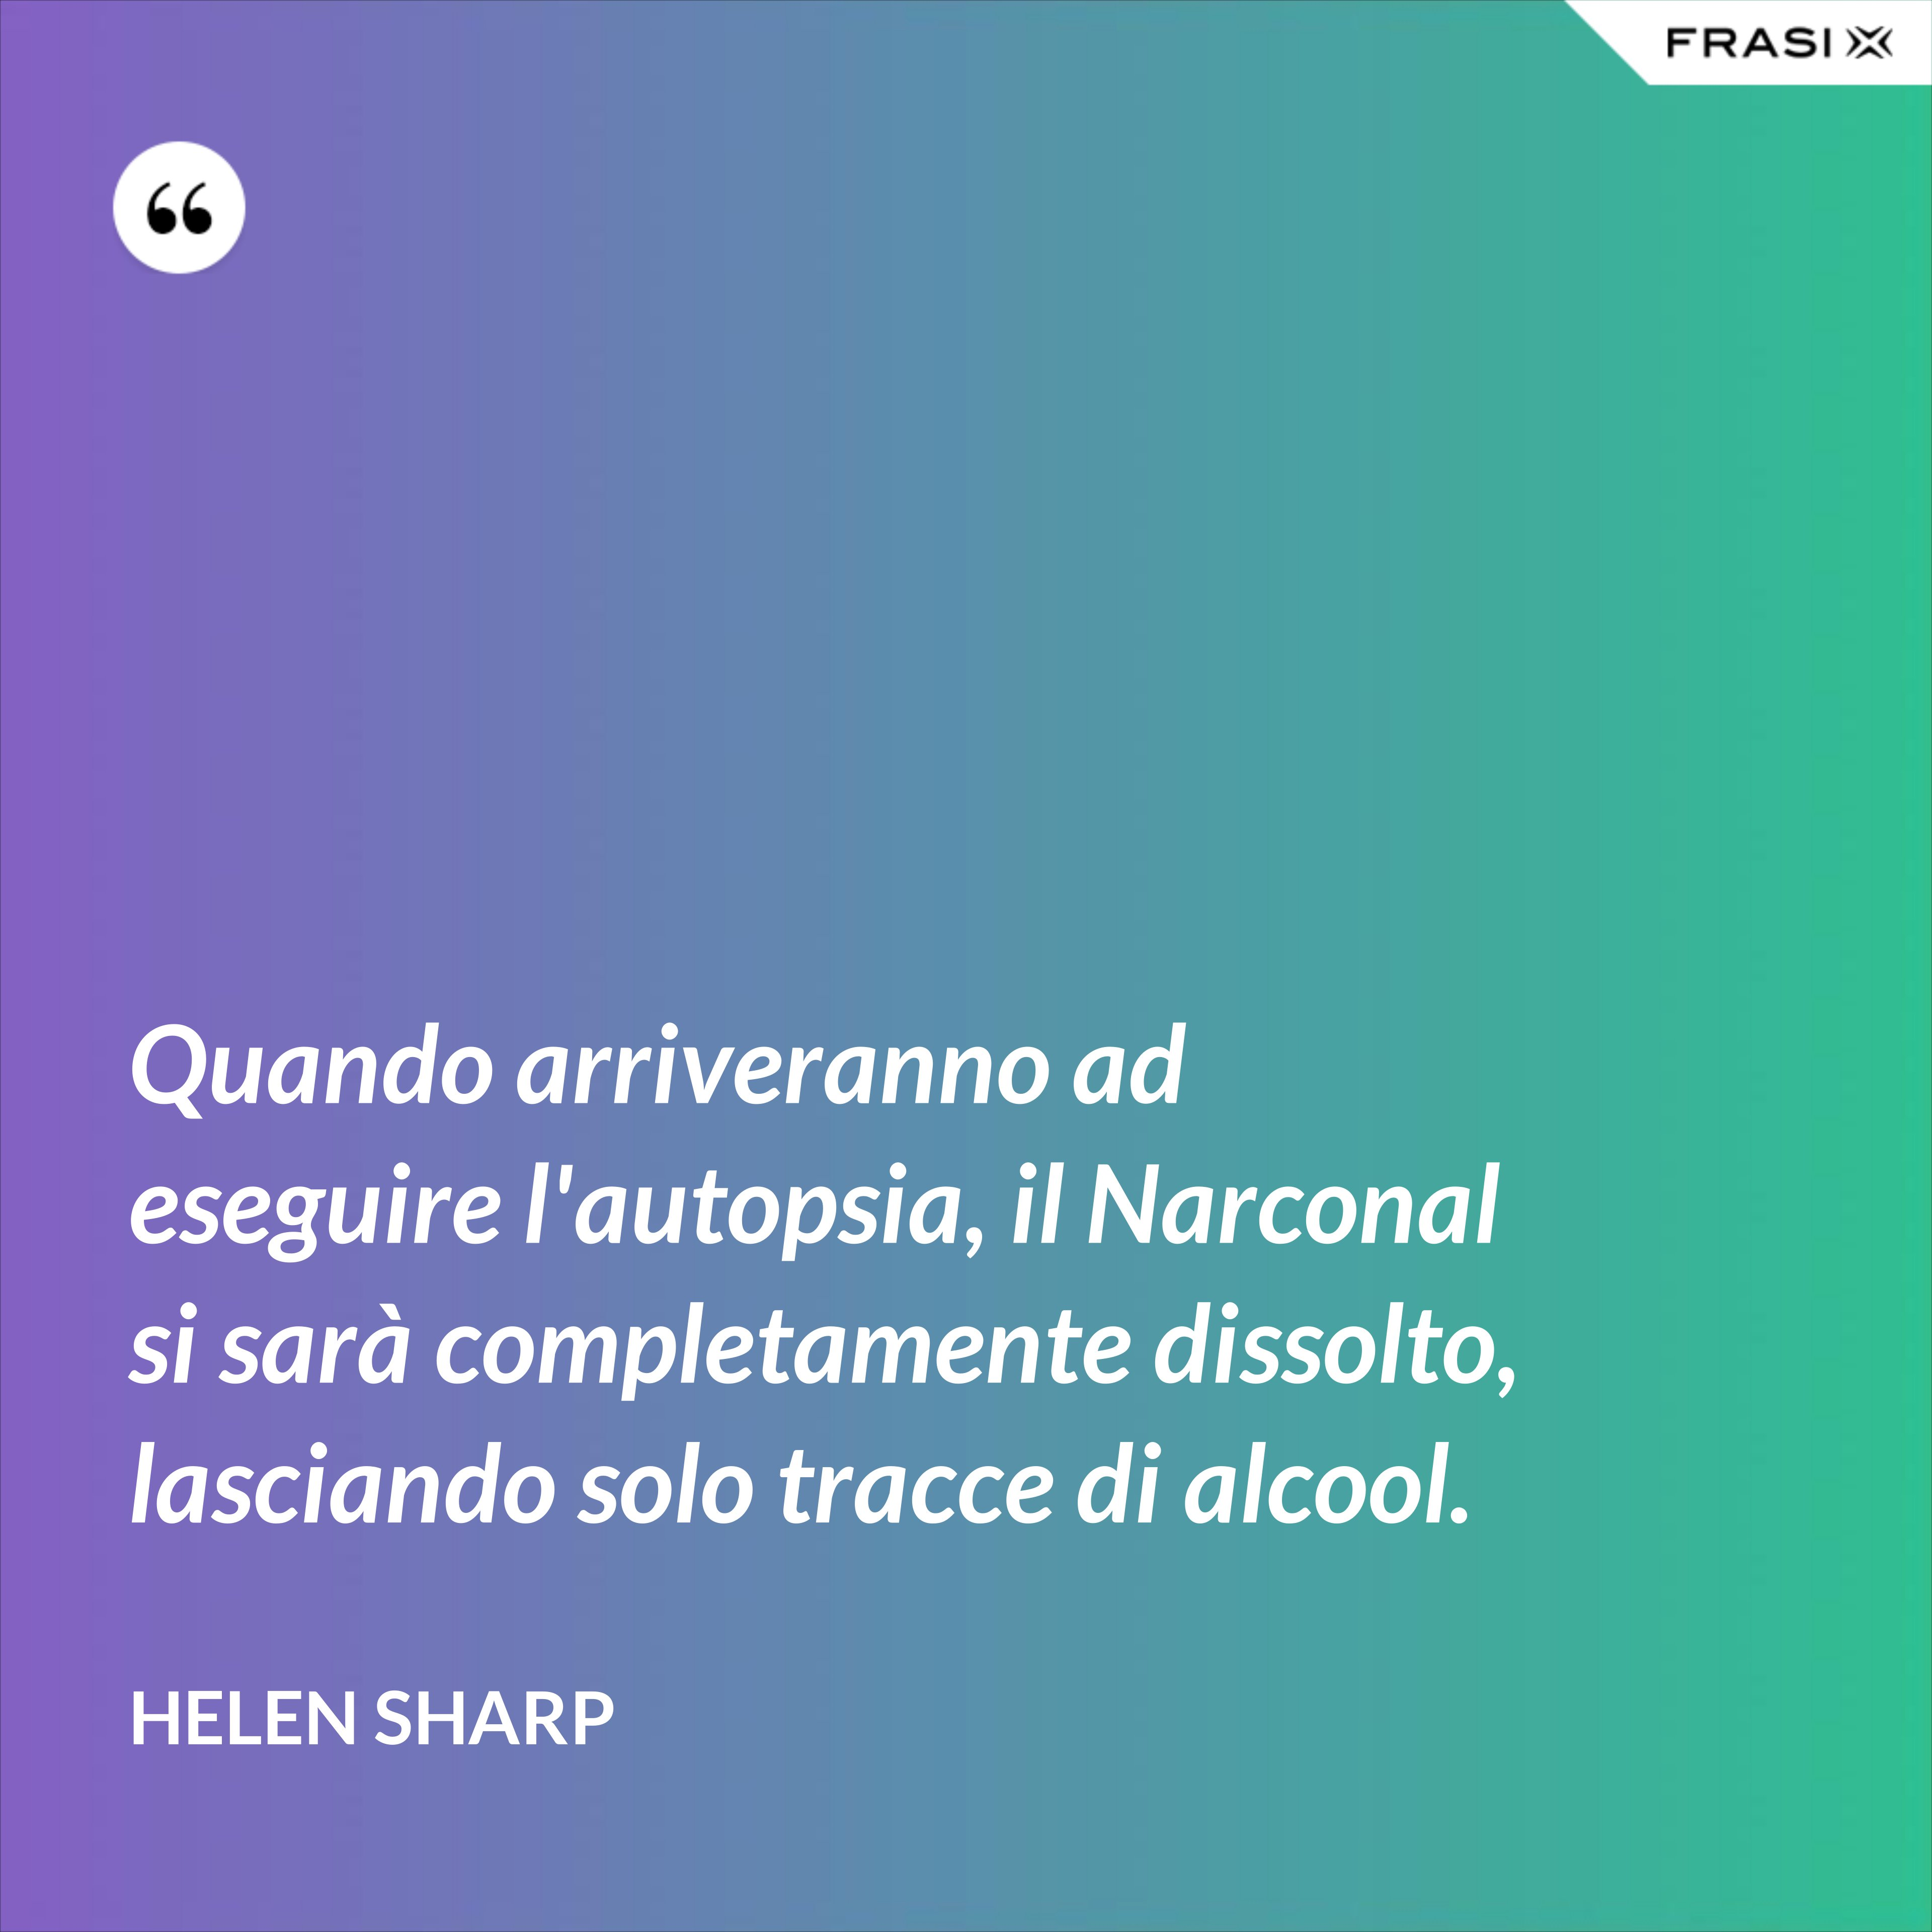 Quando arriveranno ad eseguire l'autopsia, il Narconal si sarà completamente dissolto, lasciando solo tracce di alcool. - Helen Sharp